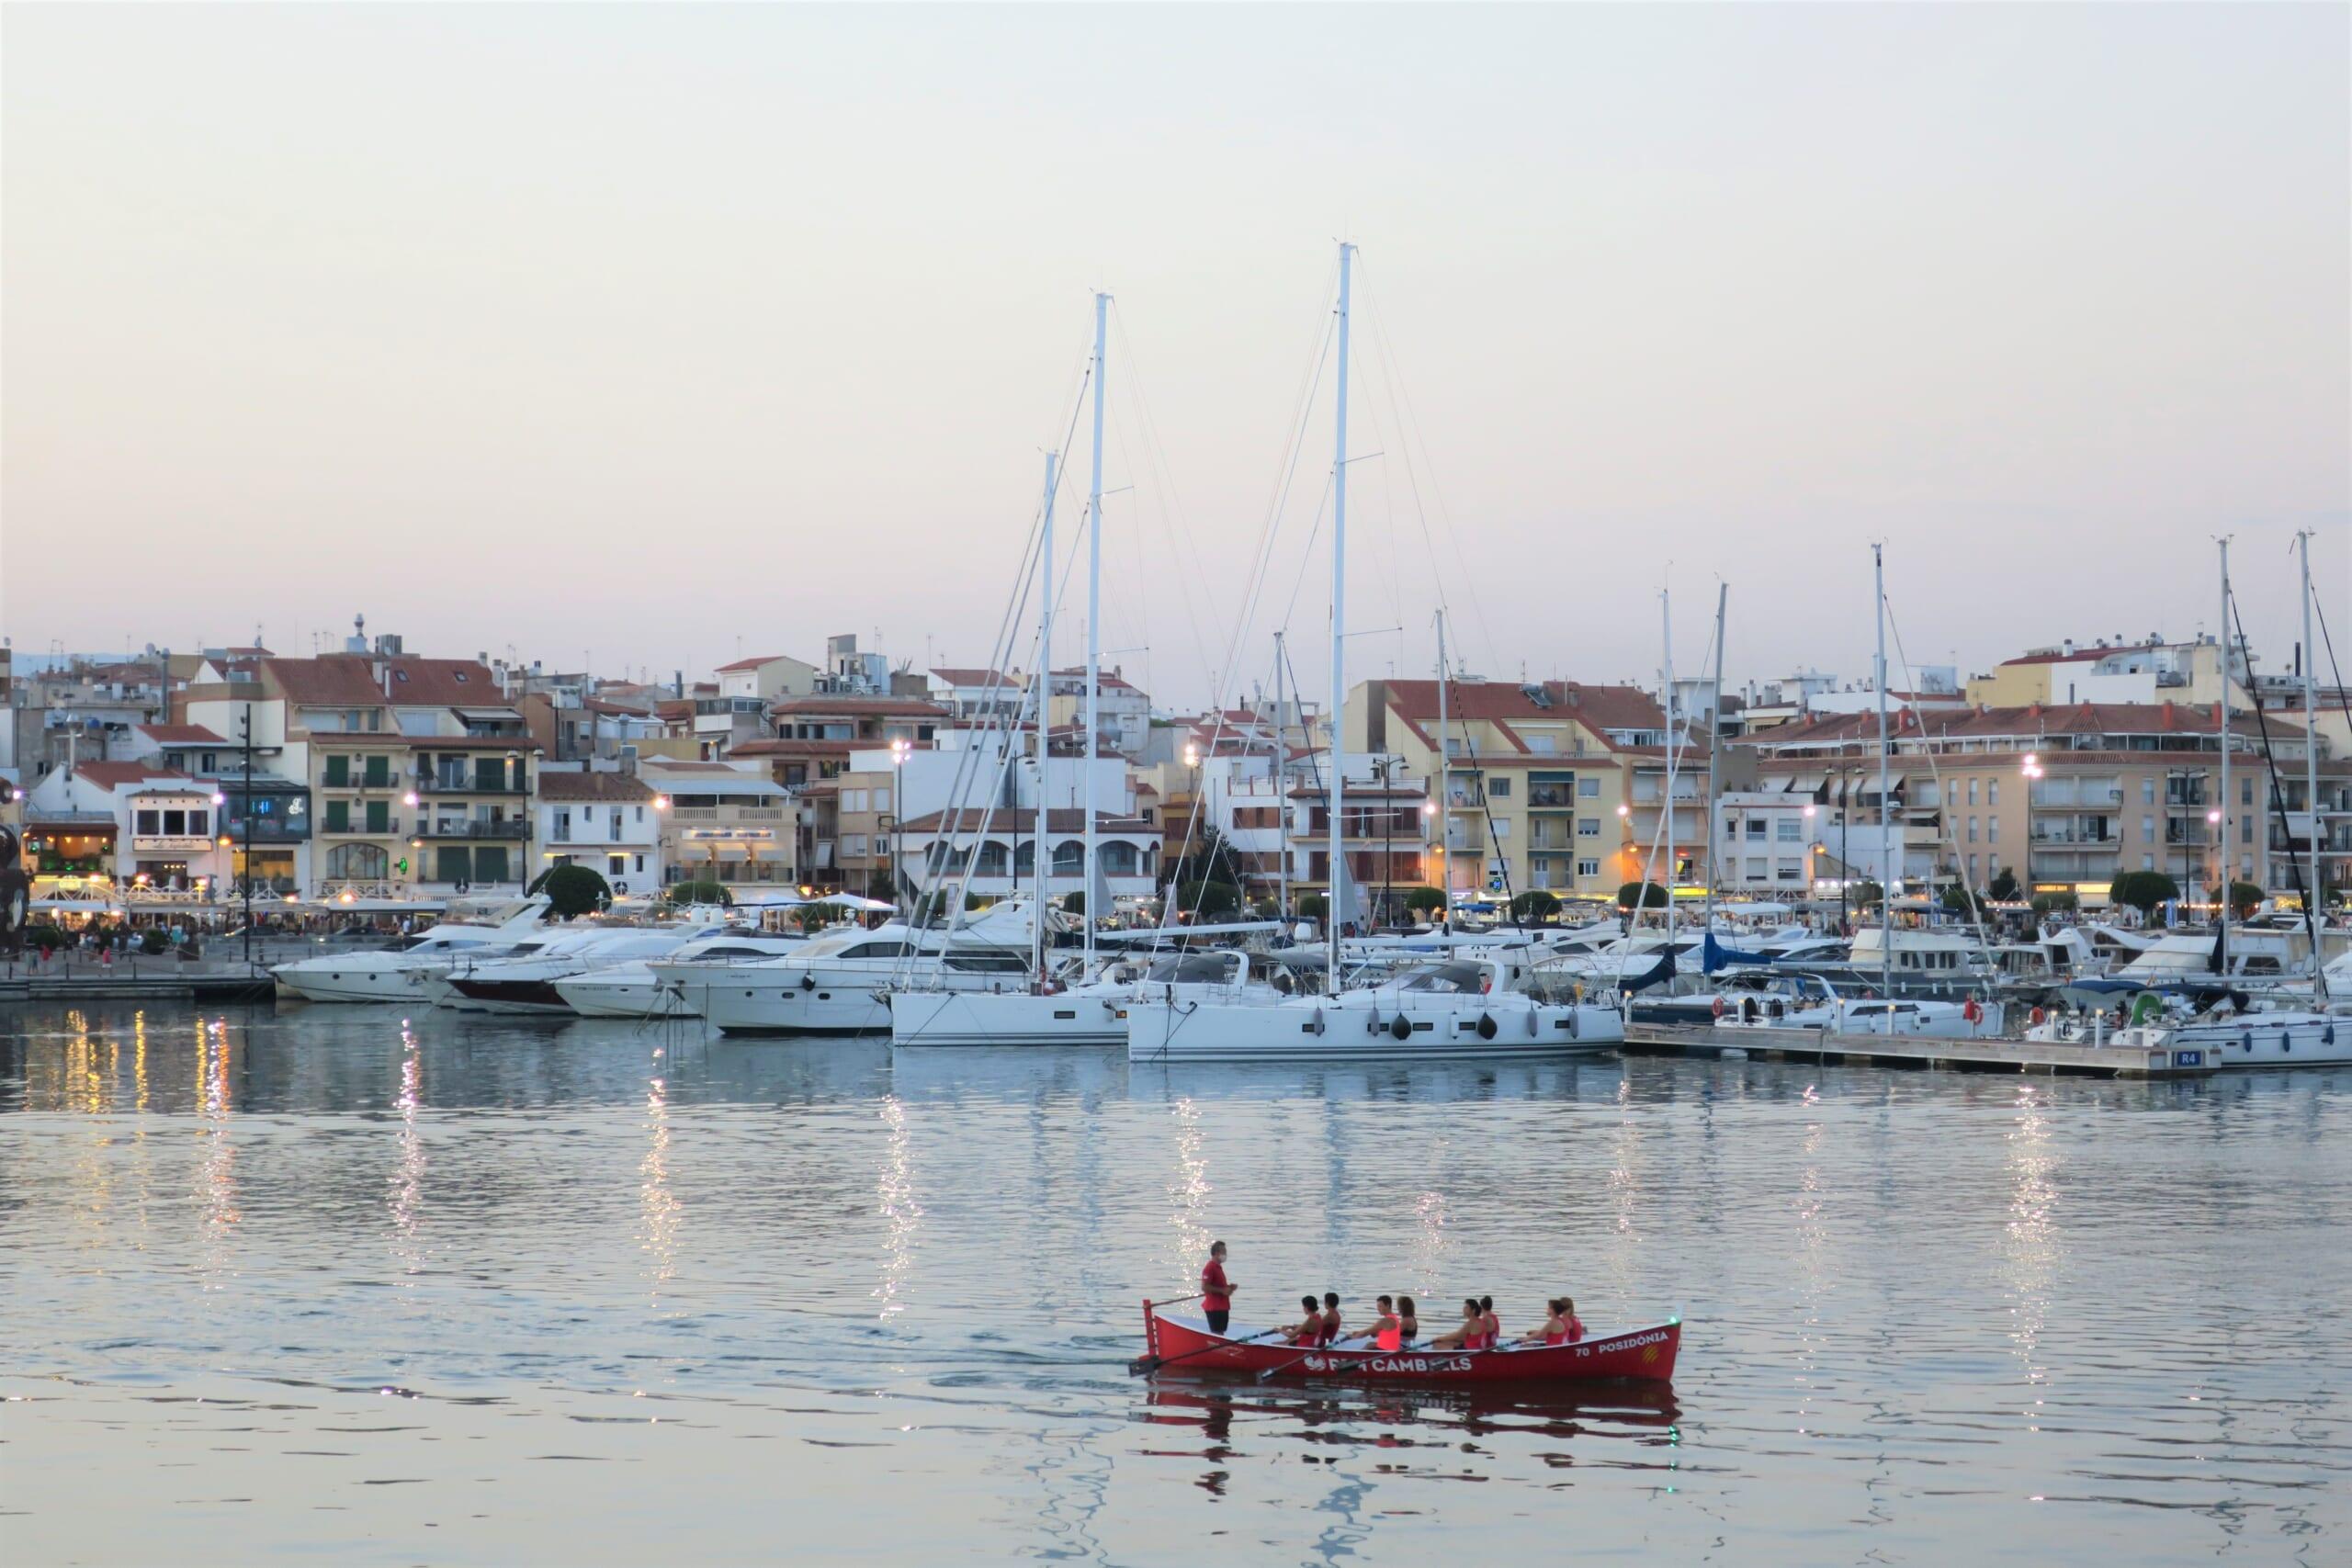 北スペインの観光スポットであるカタルーニャのカンブリルス